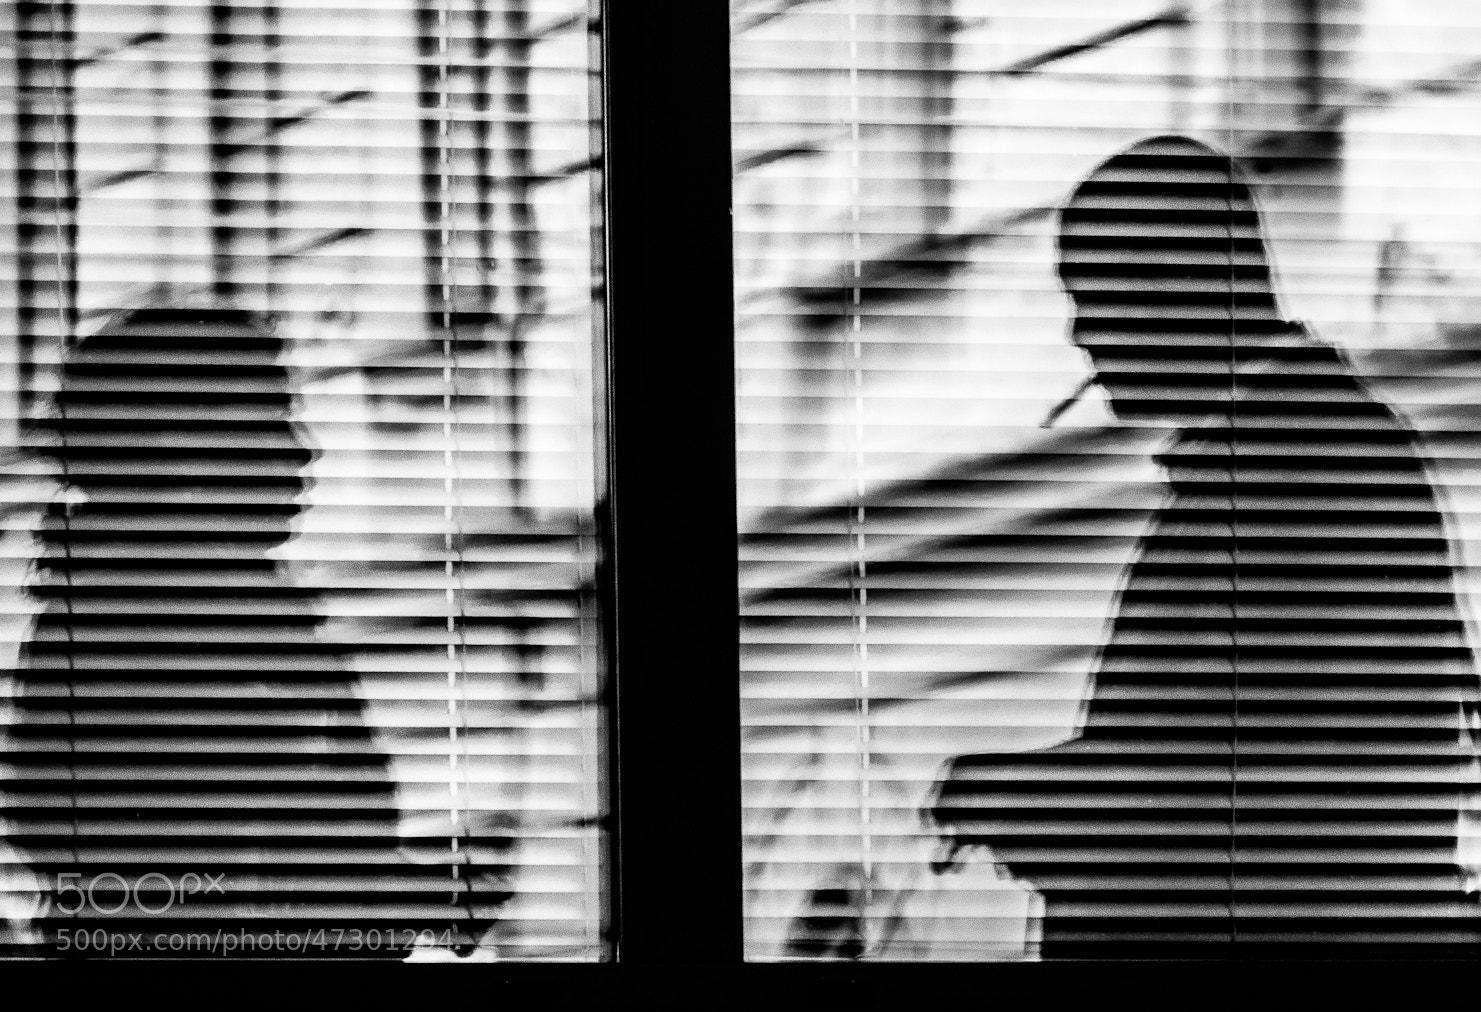 Photograph Smoking break. by Michal Jenčo on 500px